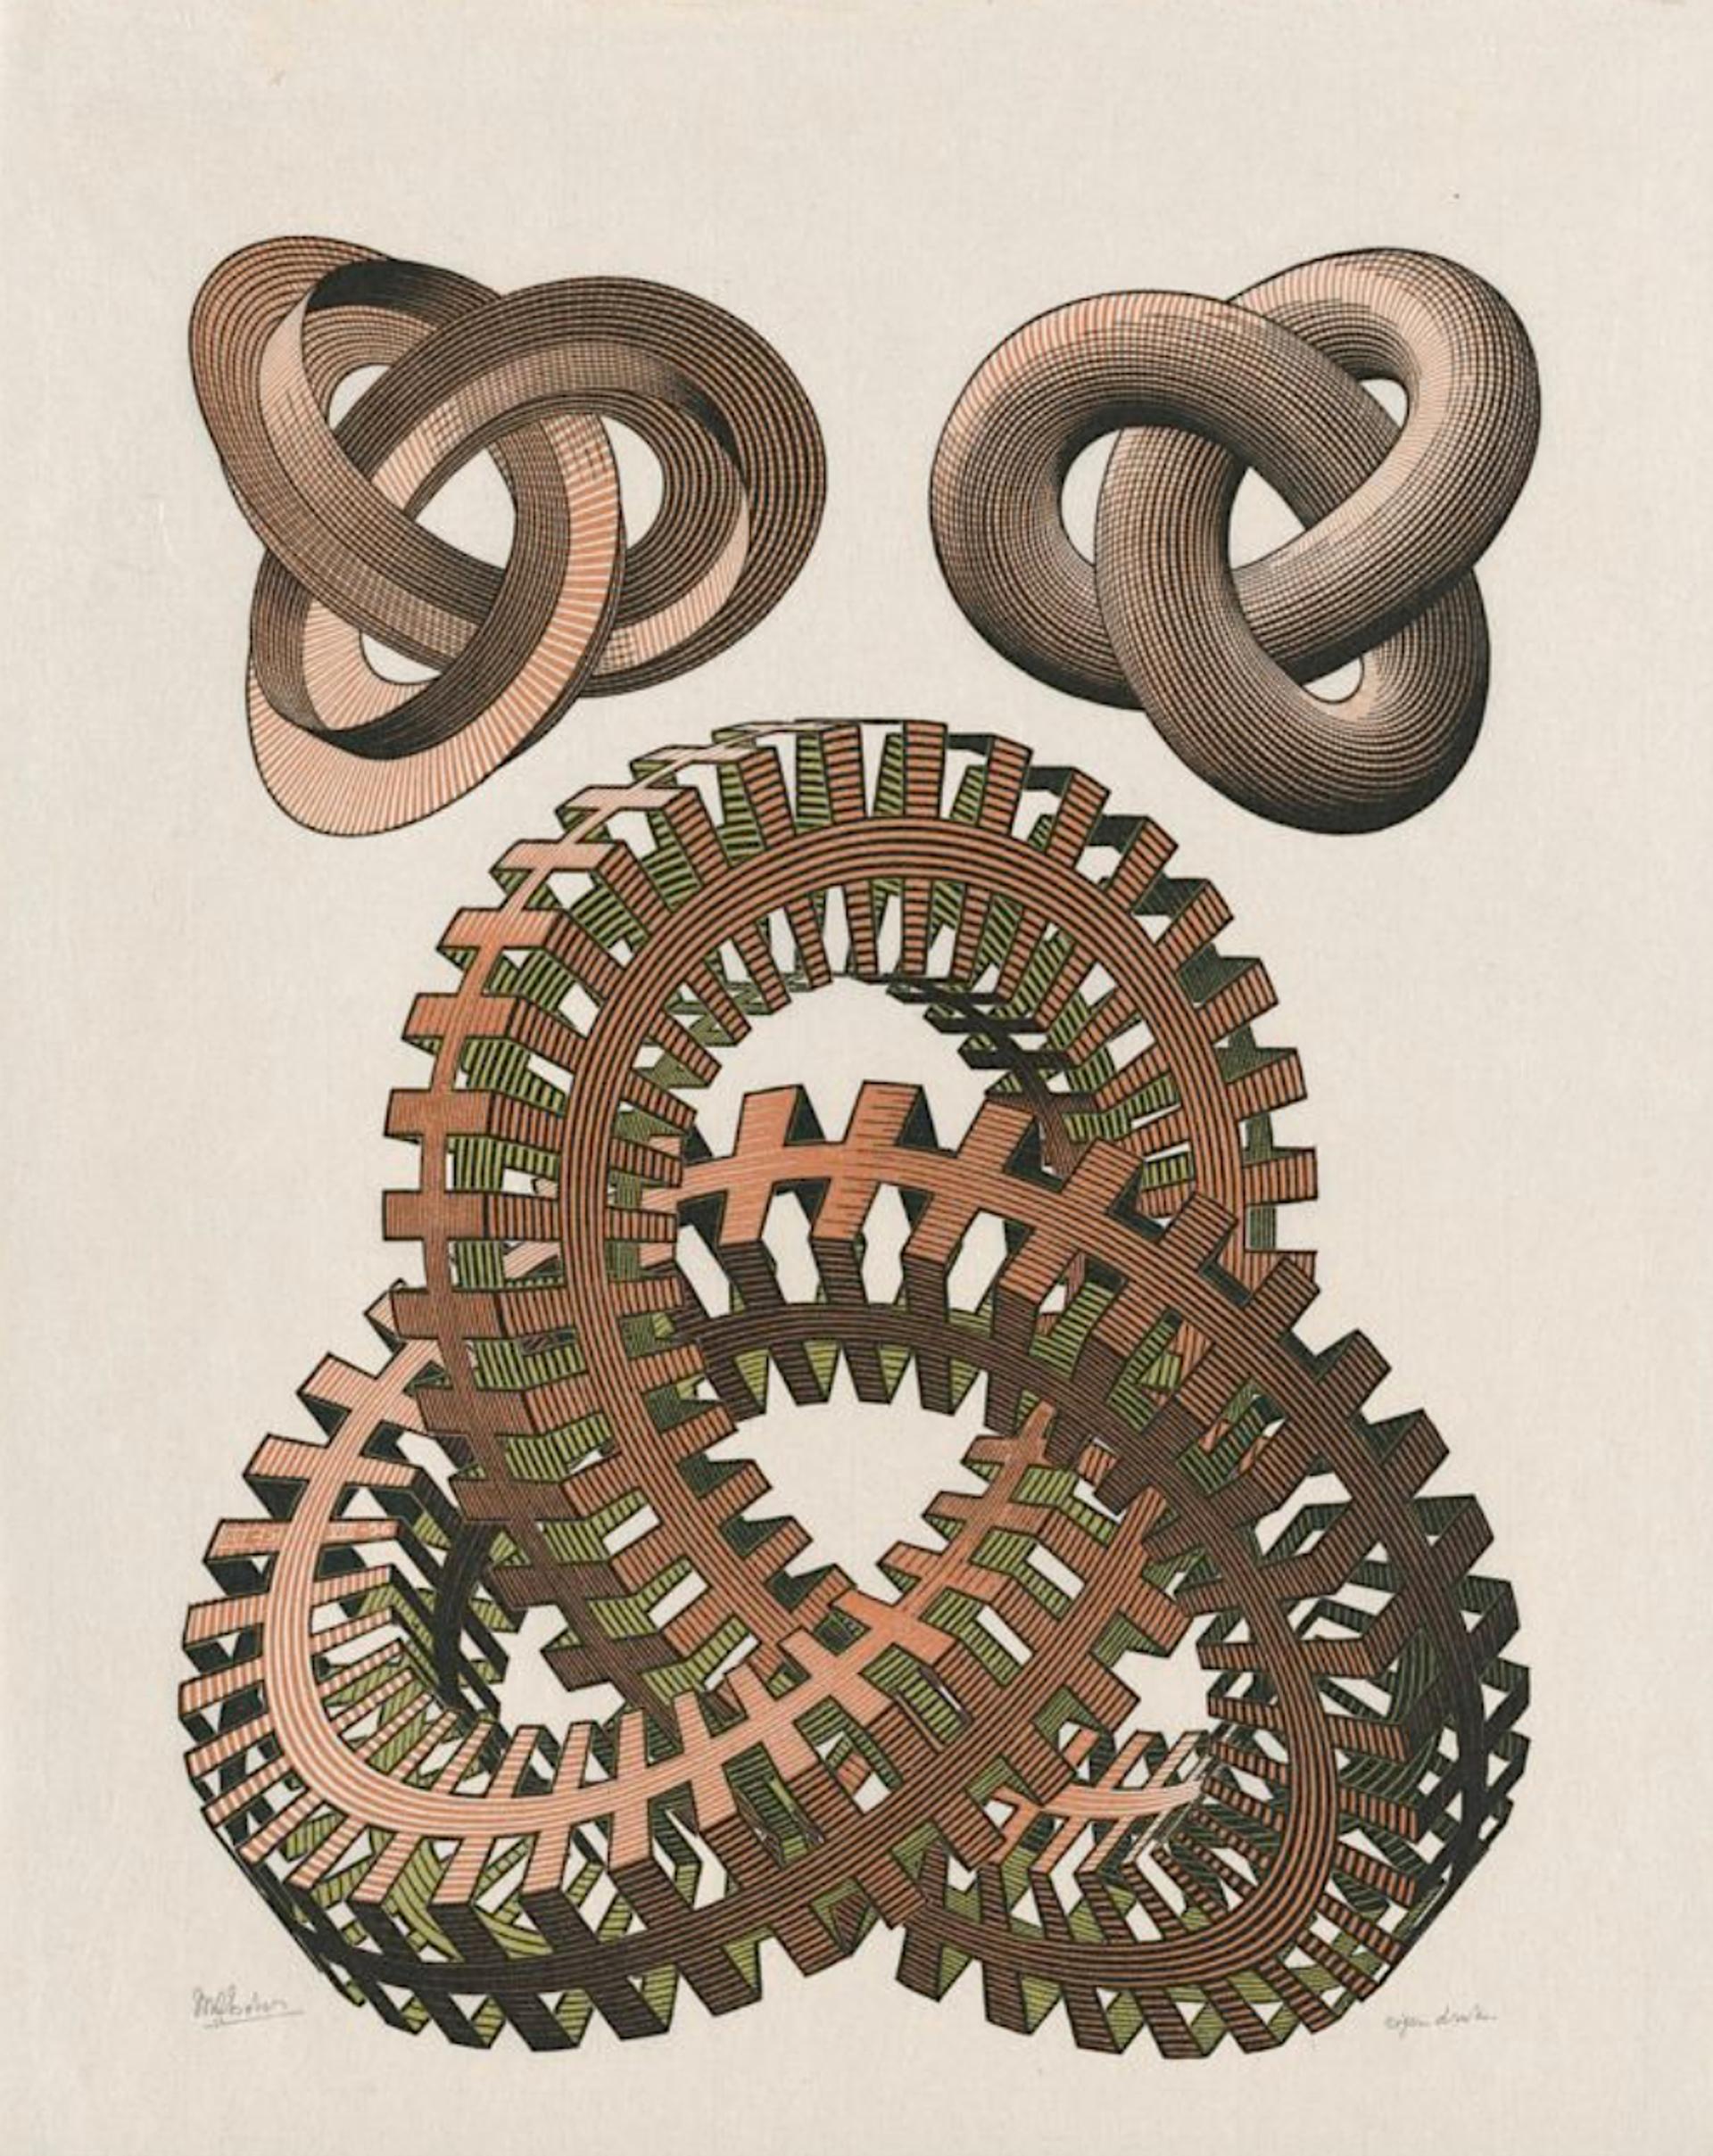 Knots by M.C. Escher